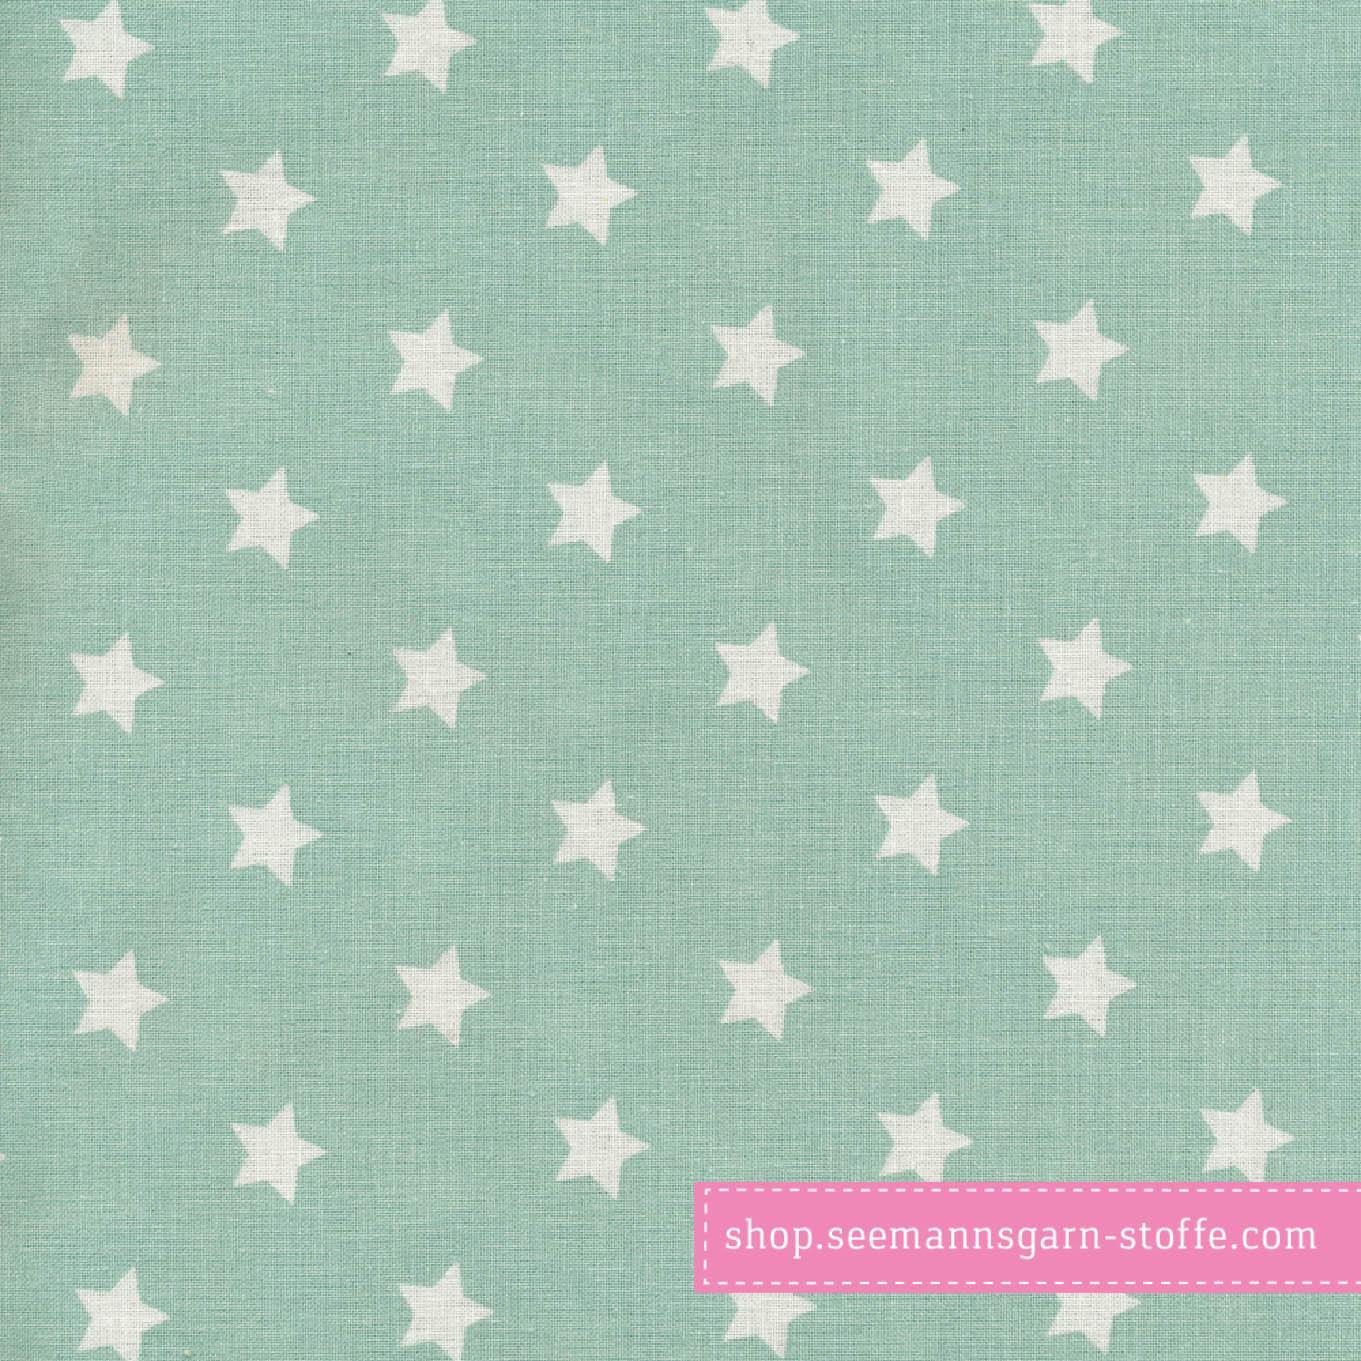 Wachstuch - Oilcloth Big Star Dusty Mint